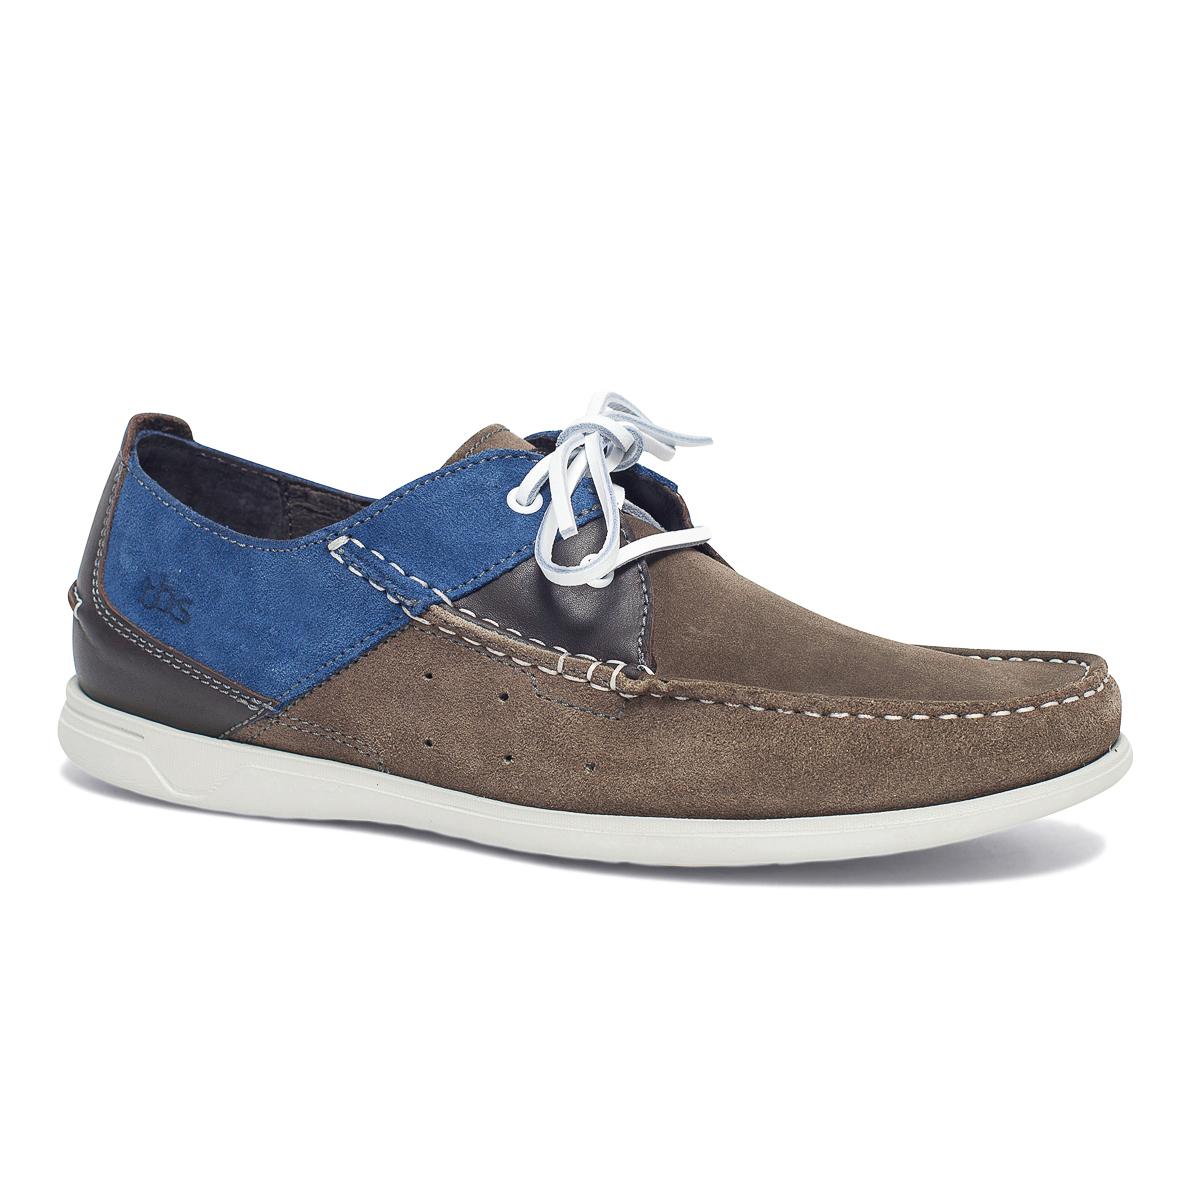 Топсайдеры мужские. FORTYE-6823FORTYE-6823Стильные мужские ботинки, комфортно и уверенно сидят на ноге, мысок прострочен, по бокам модель украшена декоративным шнурком. Верх модели регулируется шнуровкой.